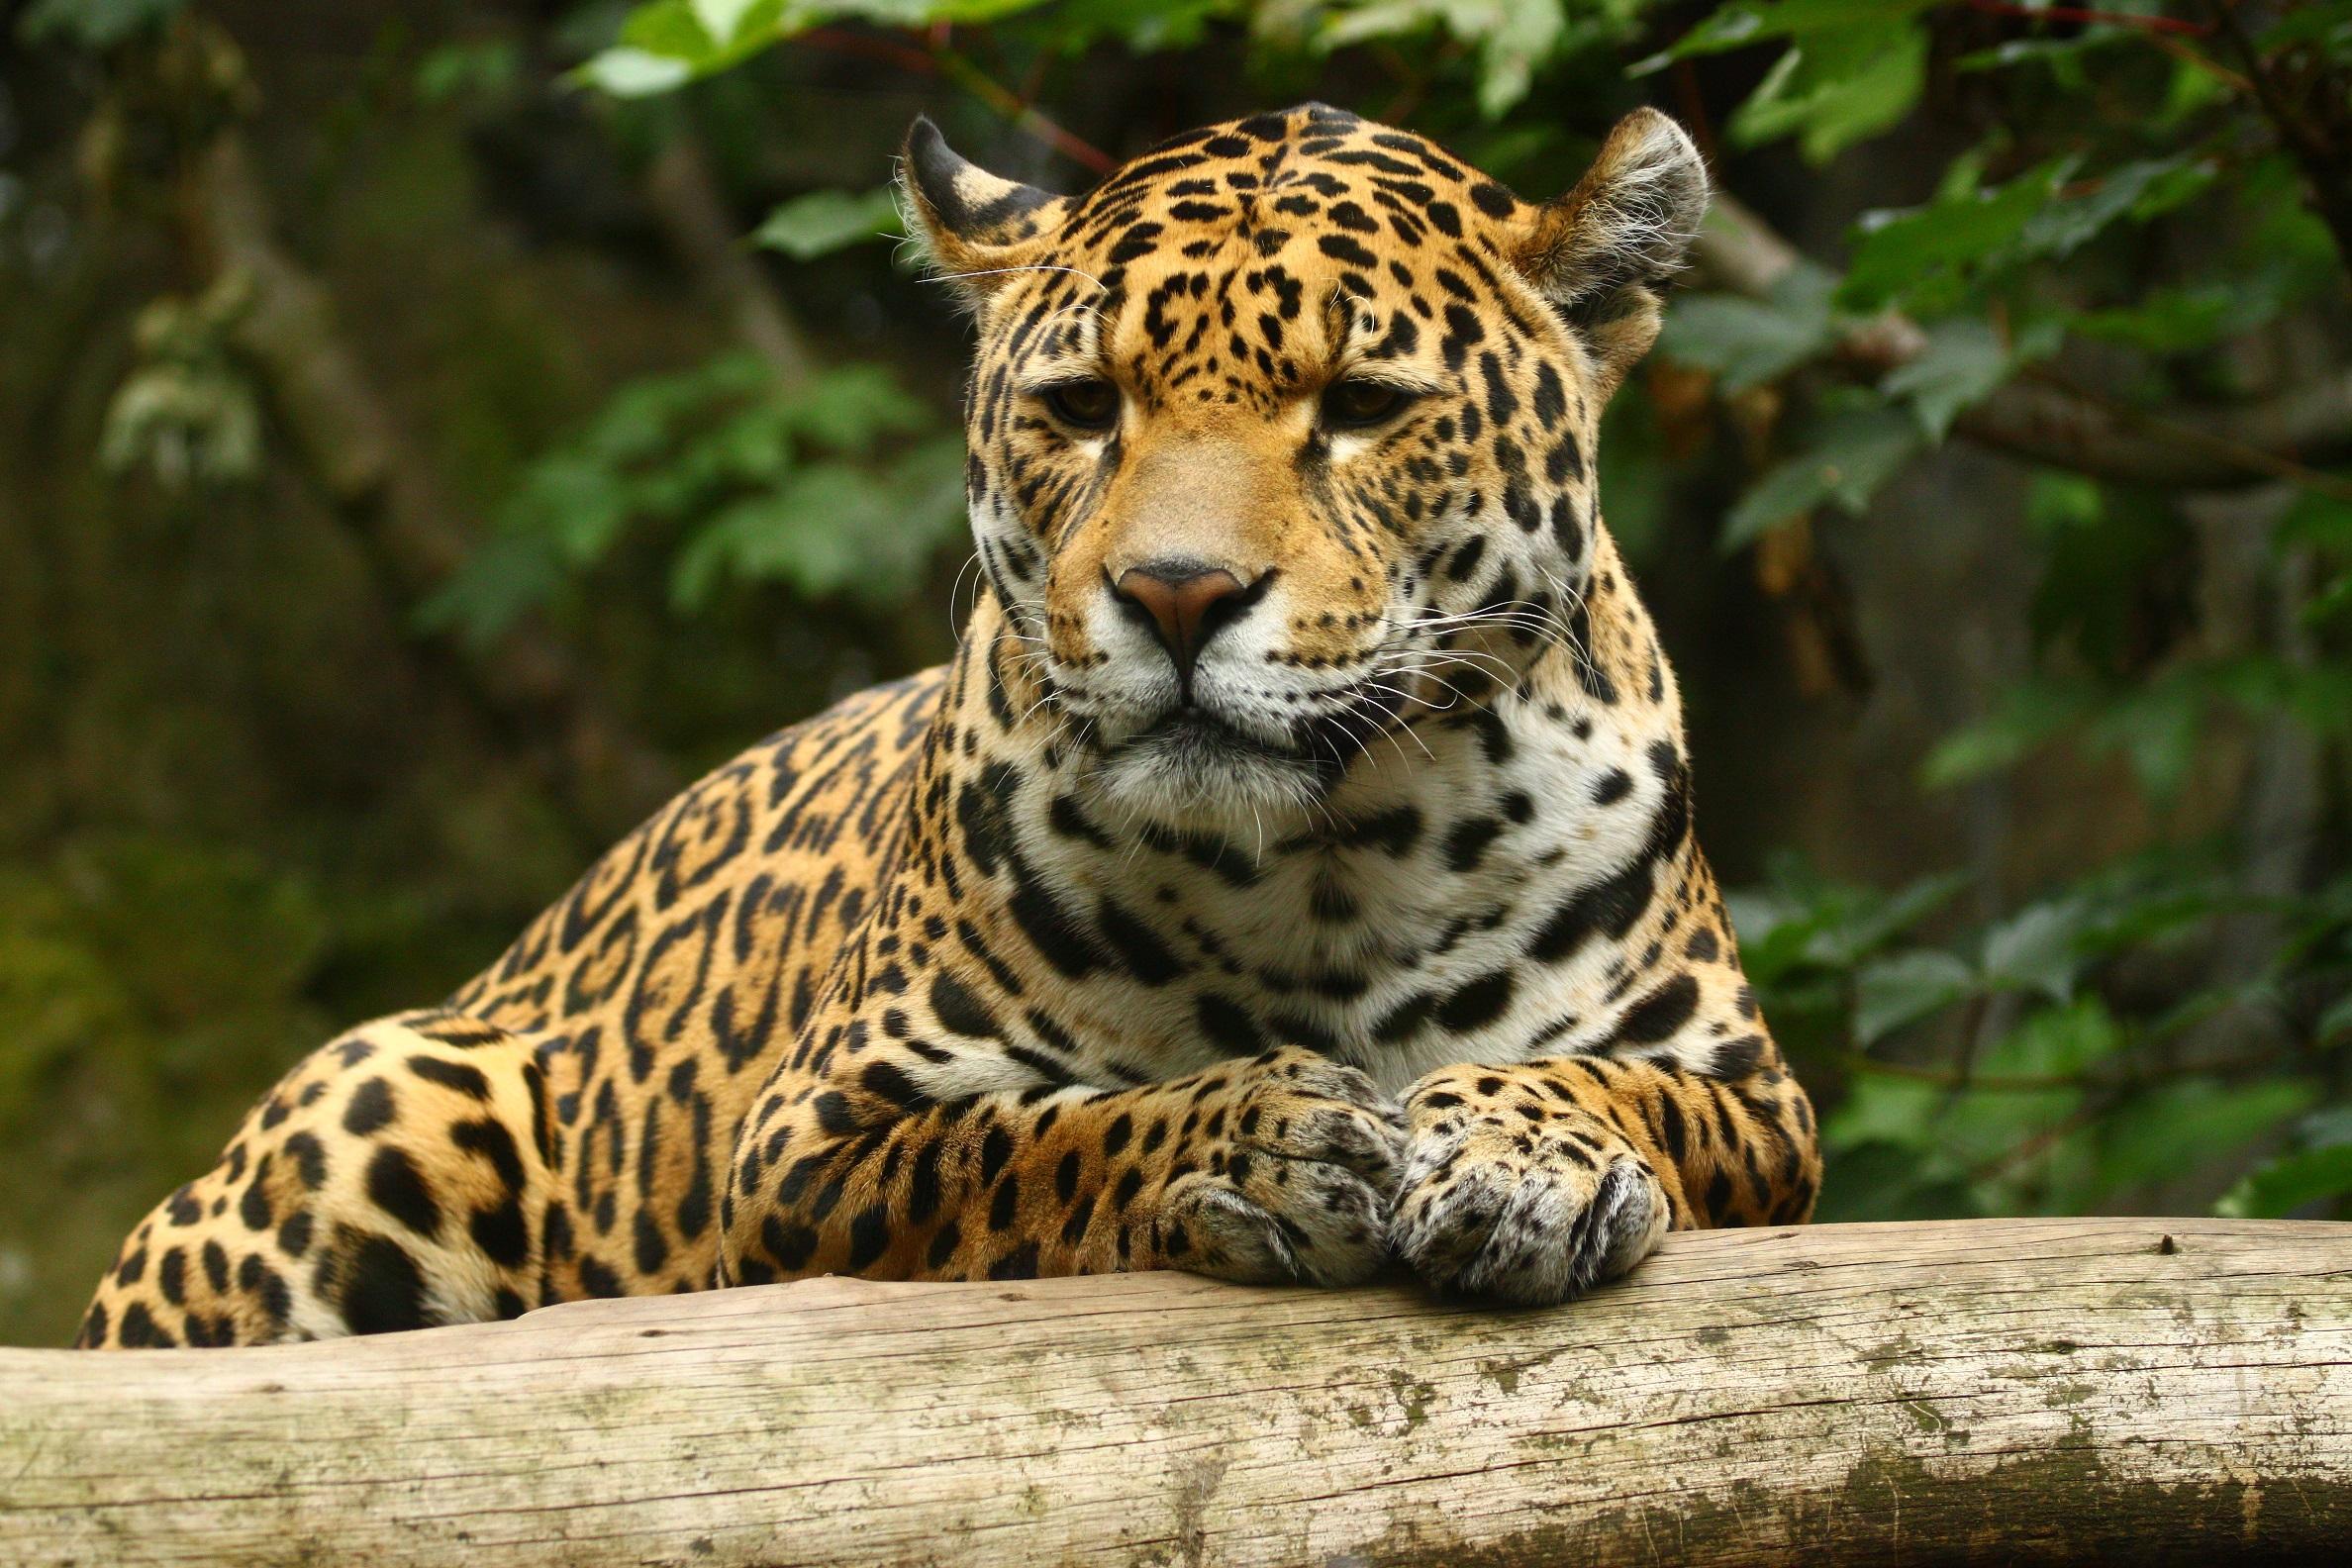 Jaguar en la selva - 2376x1584